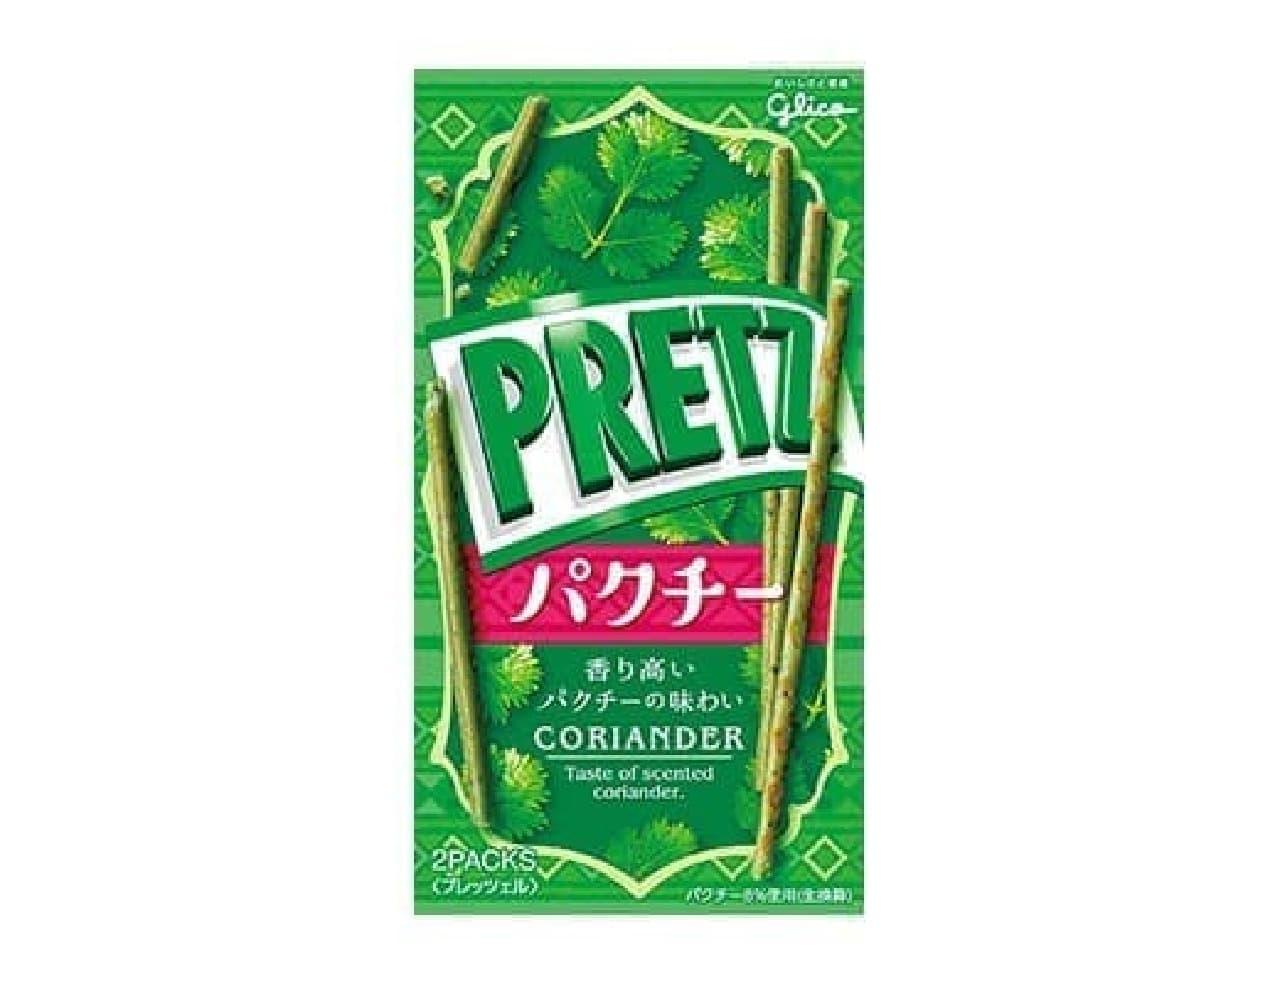 プリッツパクチー ローソン先行発売